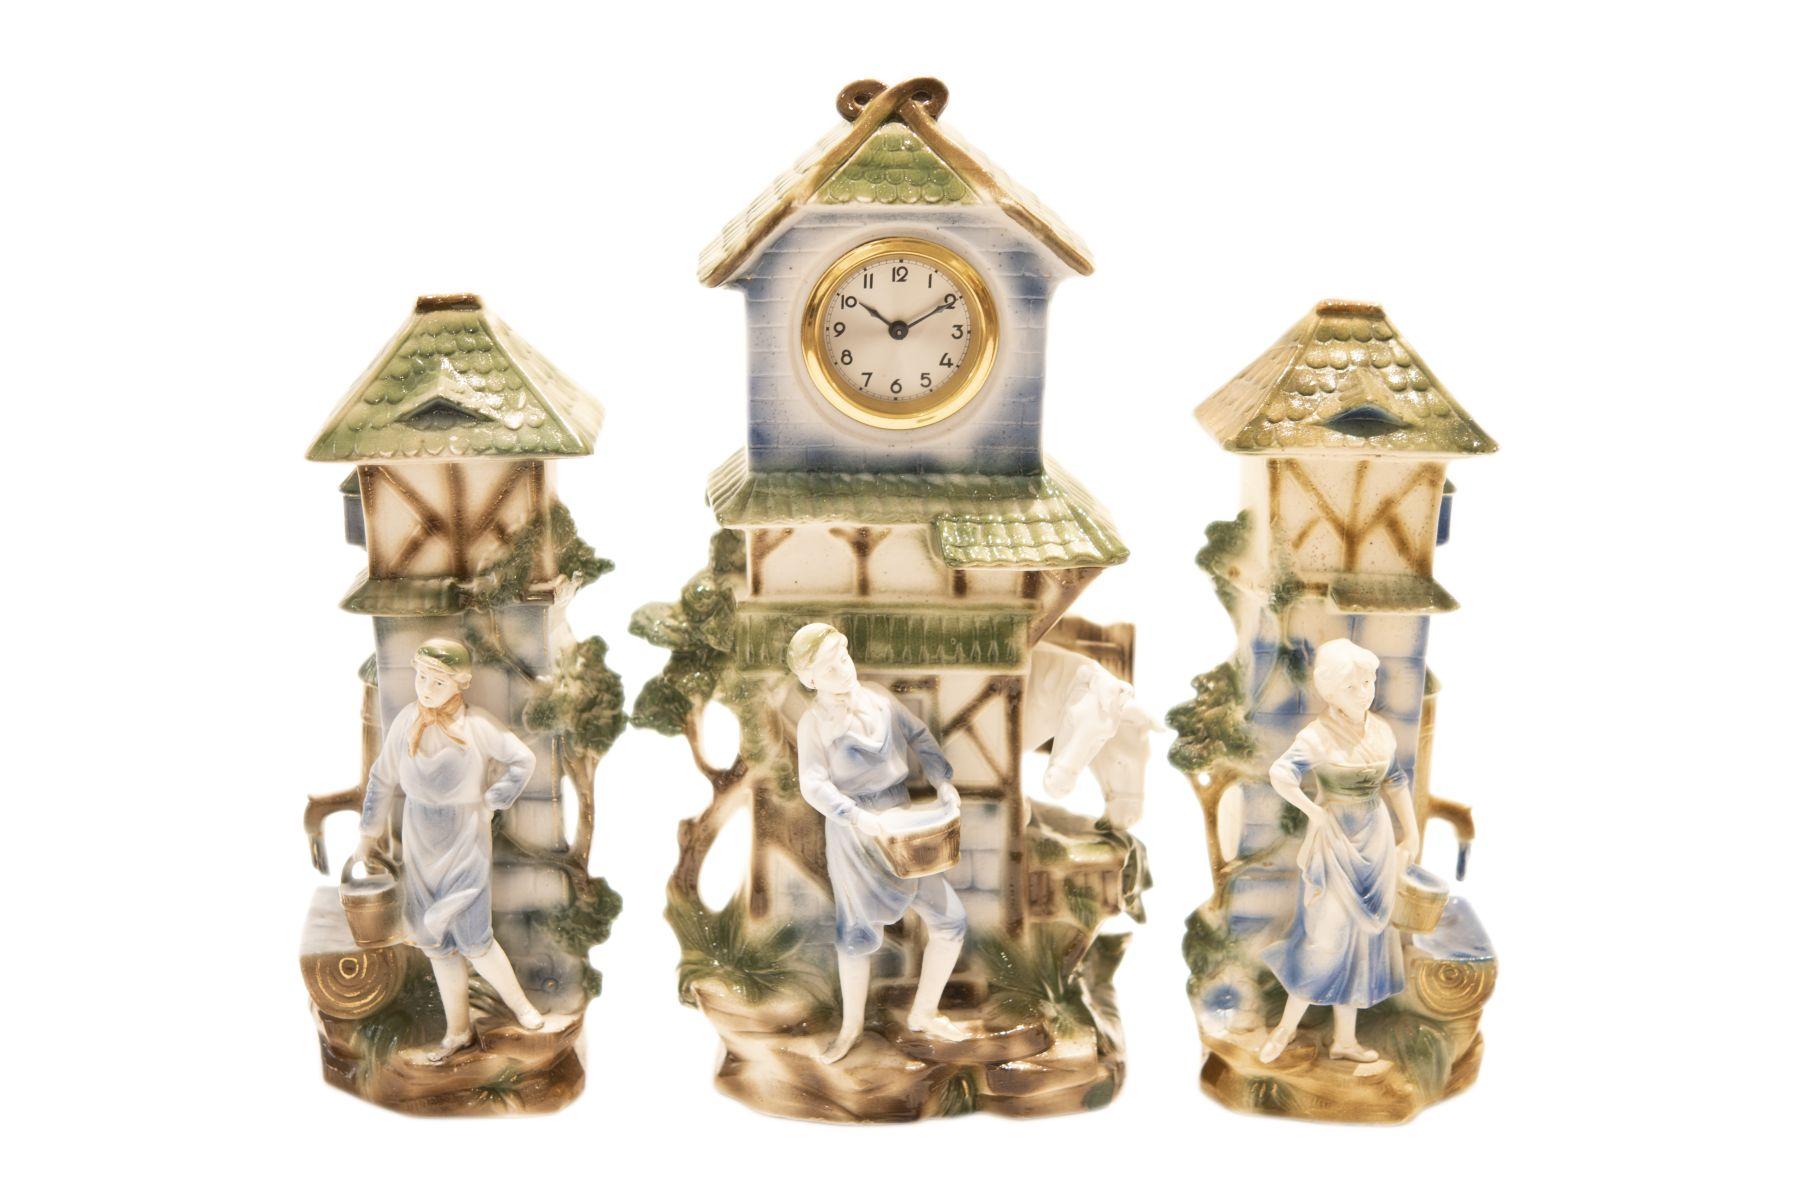 #165 3-Piece Summer Allegory with a Clockwork by Winter & Fils | 3-teilige Sommer-Allegorie mit einem Uhrwerk von Winter & Fils Image